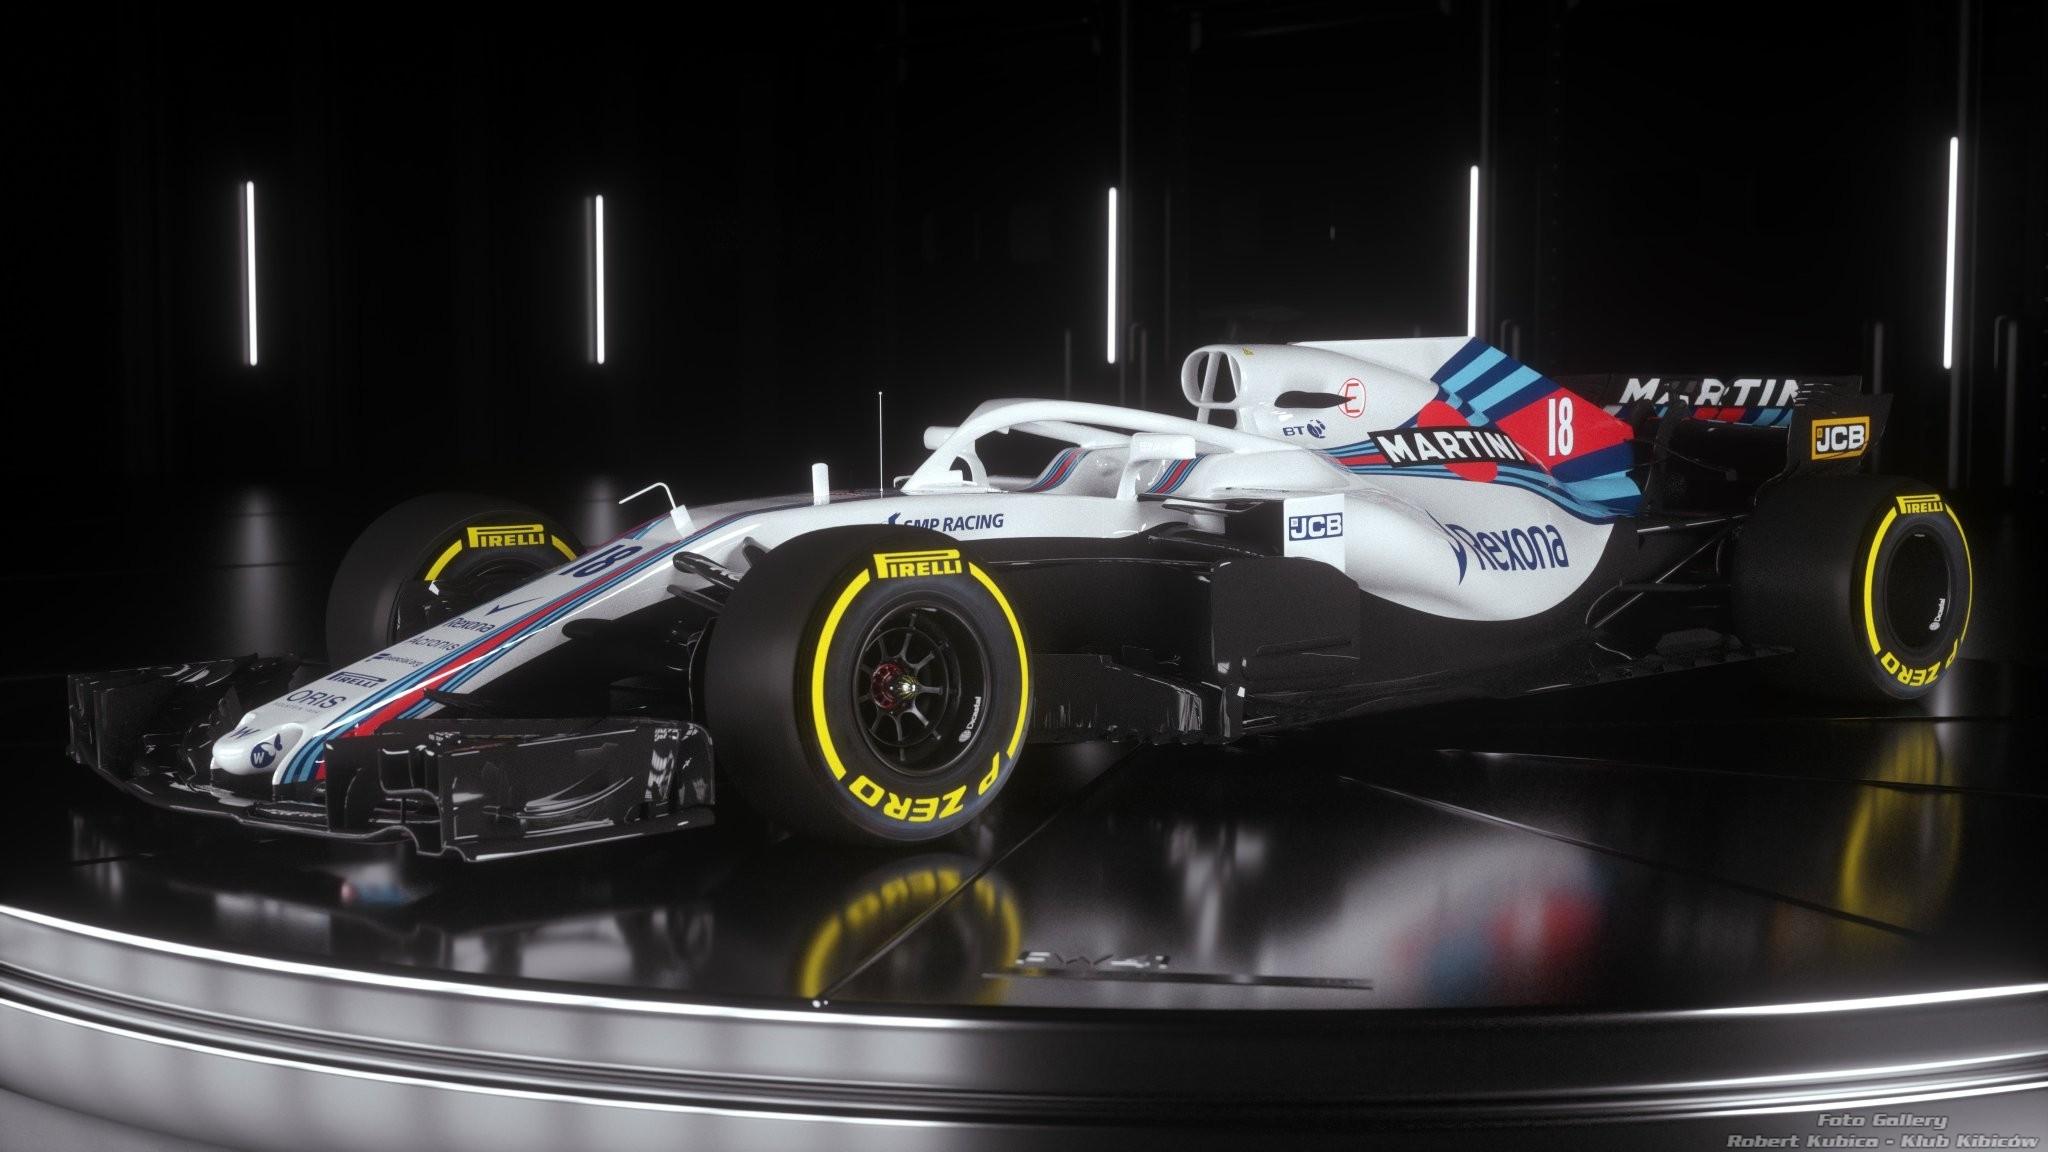 Fw41 Williams Martini Racing